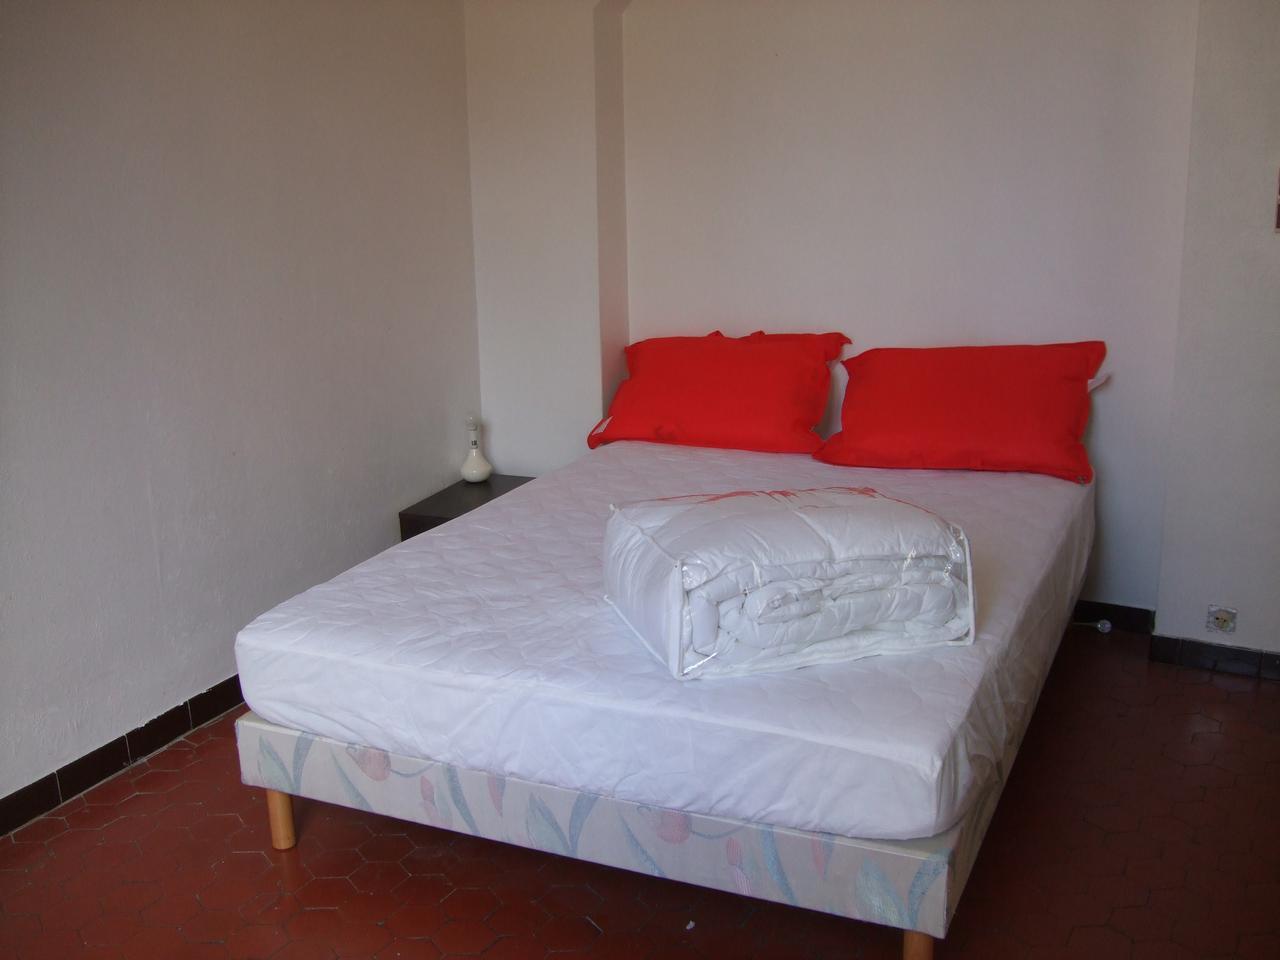 Appartement  3 Pièce(s) meublé à louer étudiant